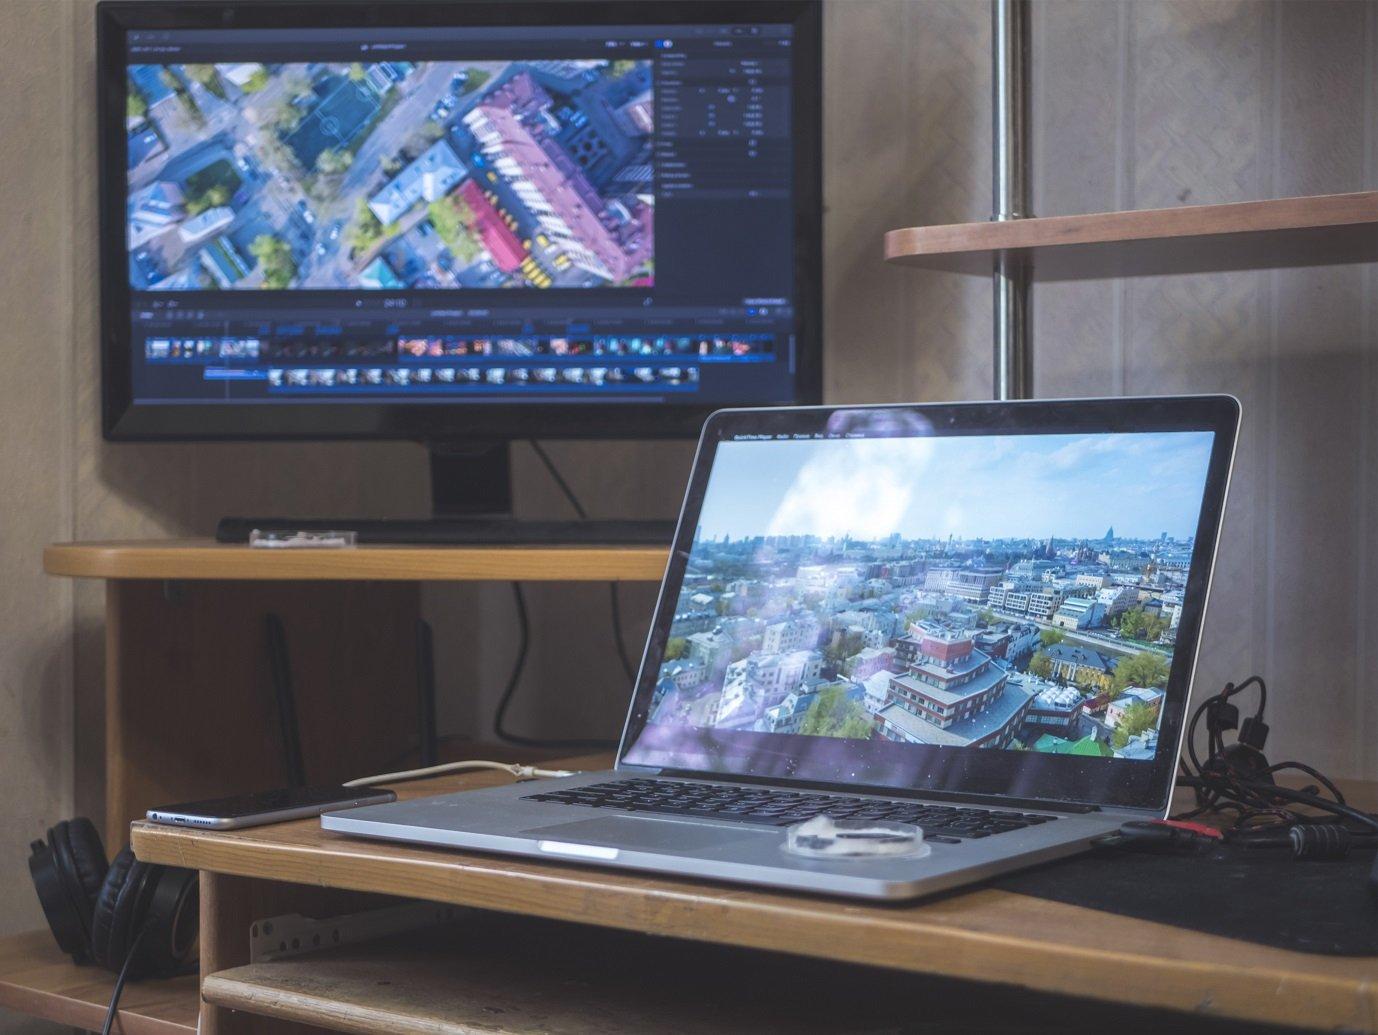 Desktop hintergrund uber 2 bildschirme strecken